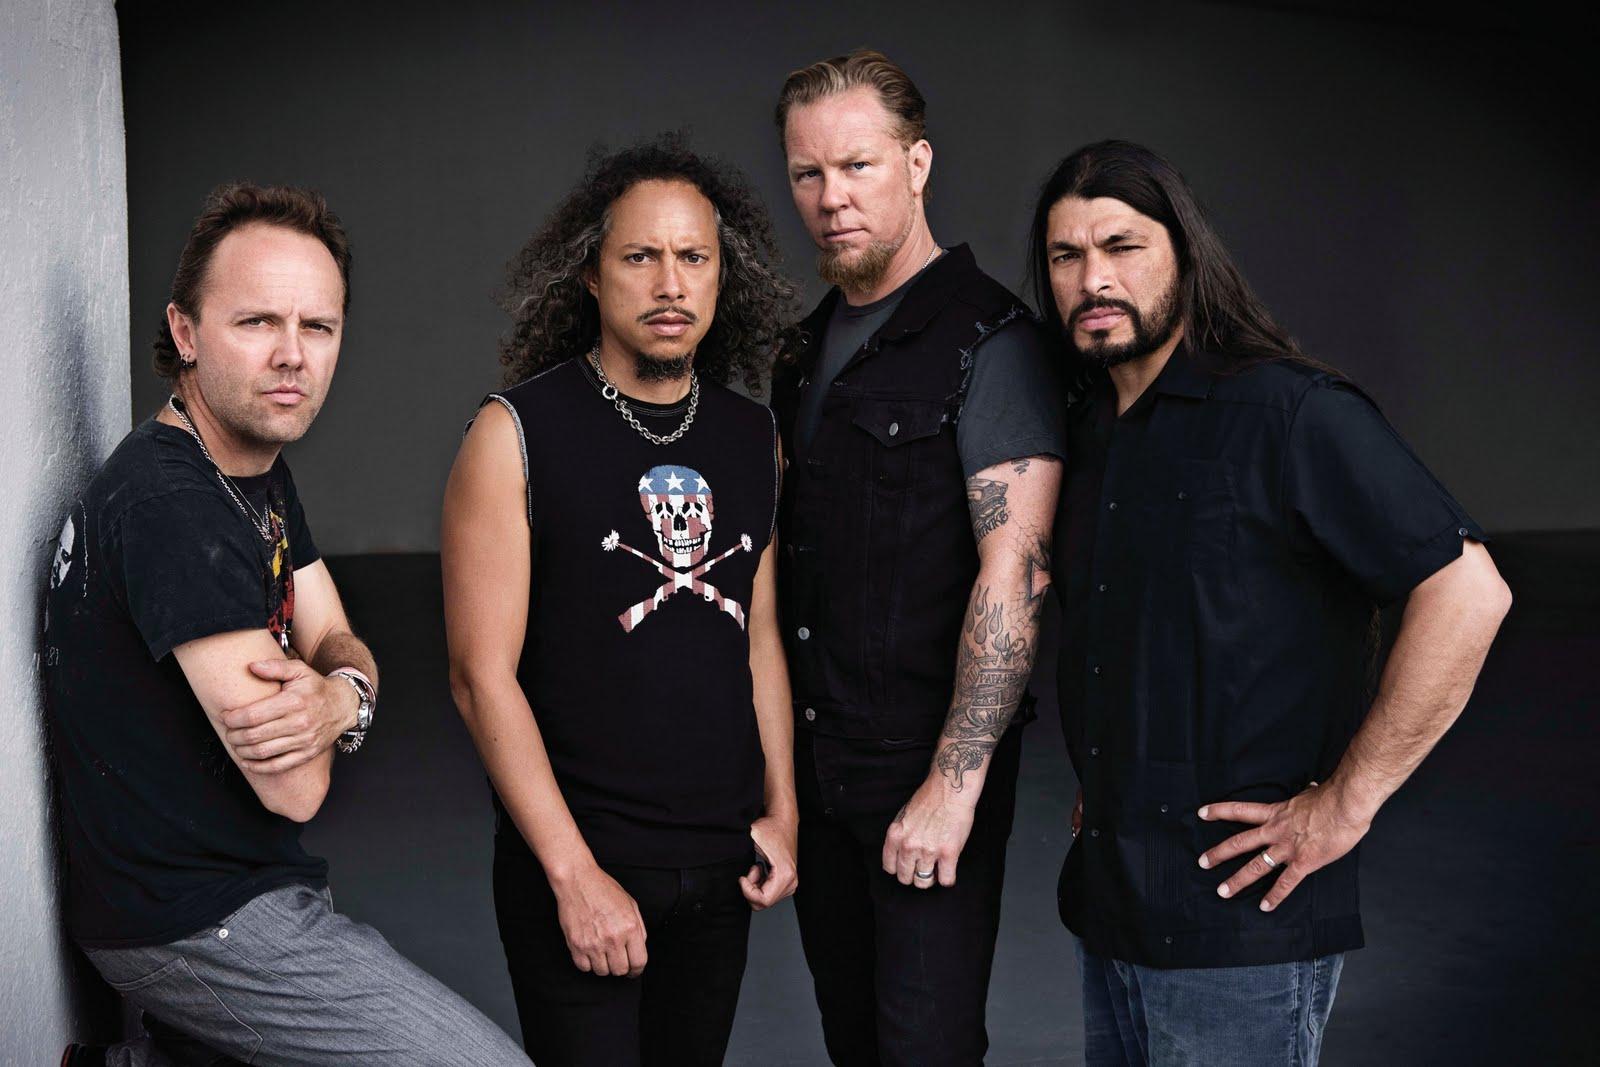 http://2.bp.blogspot.com/_q9G-OPqjeX8/TSnoBOISZBI/AAAAAAAAFCo/xQ8cIJ9vczQ/s1600/Metallica.jpg